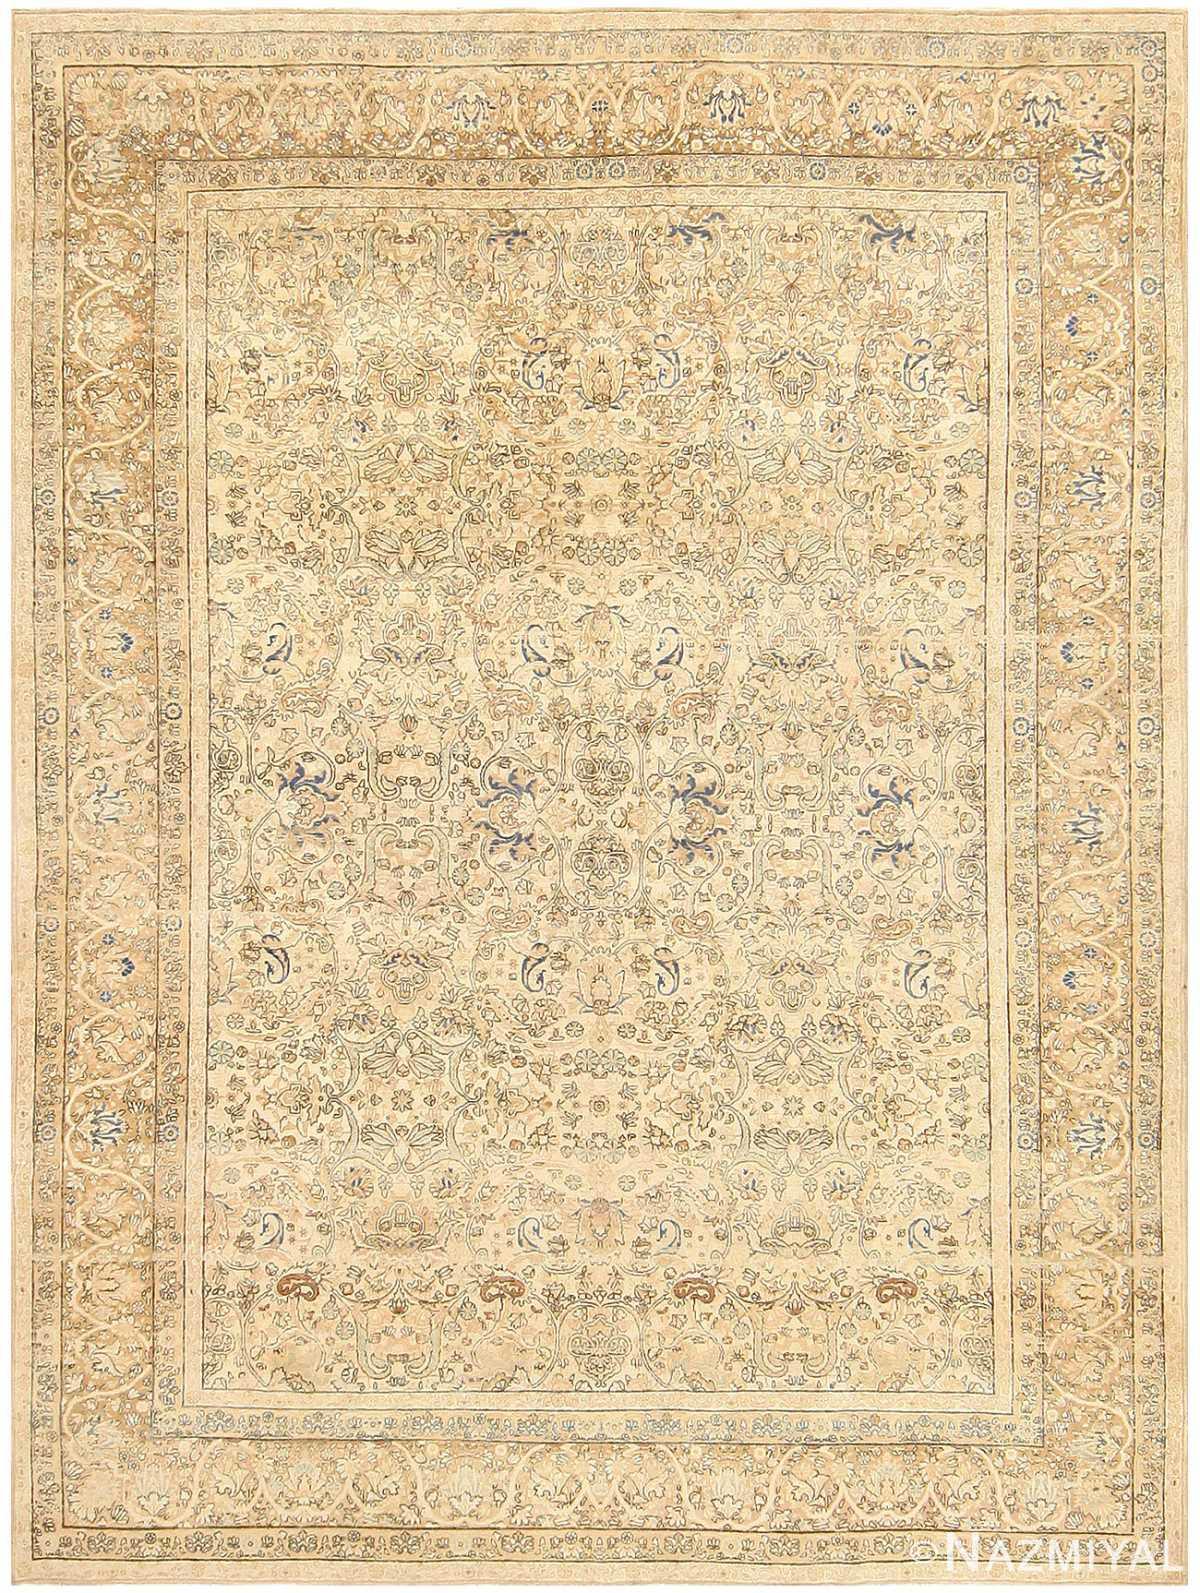 Antique Persian Kerman Rug 47869 Detail/Large View